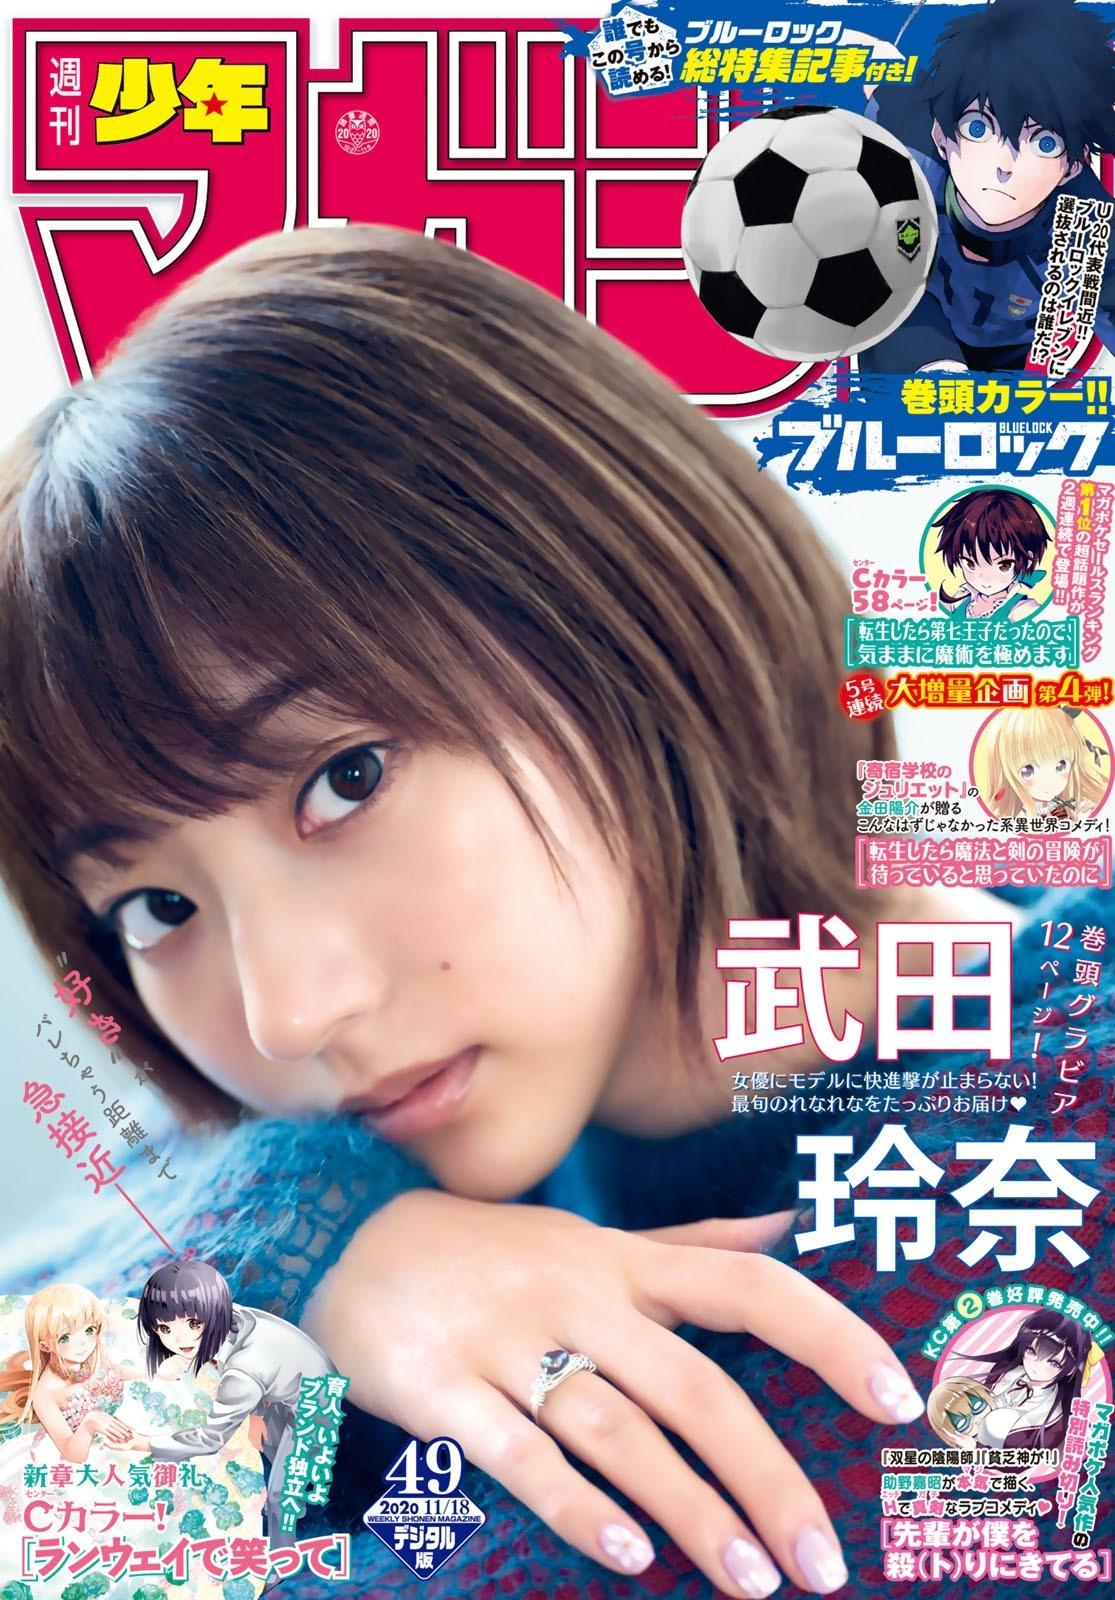 武田玲奈 Young Magazine 2020年第49期 Young Magazine 写真集